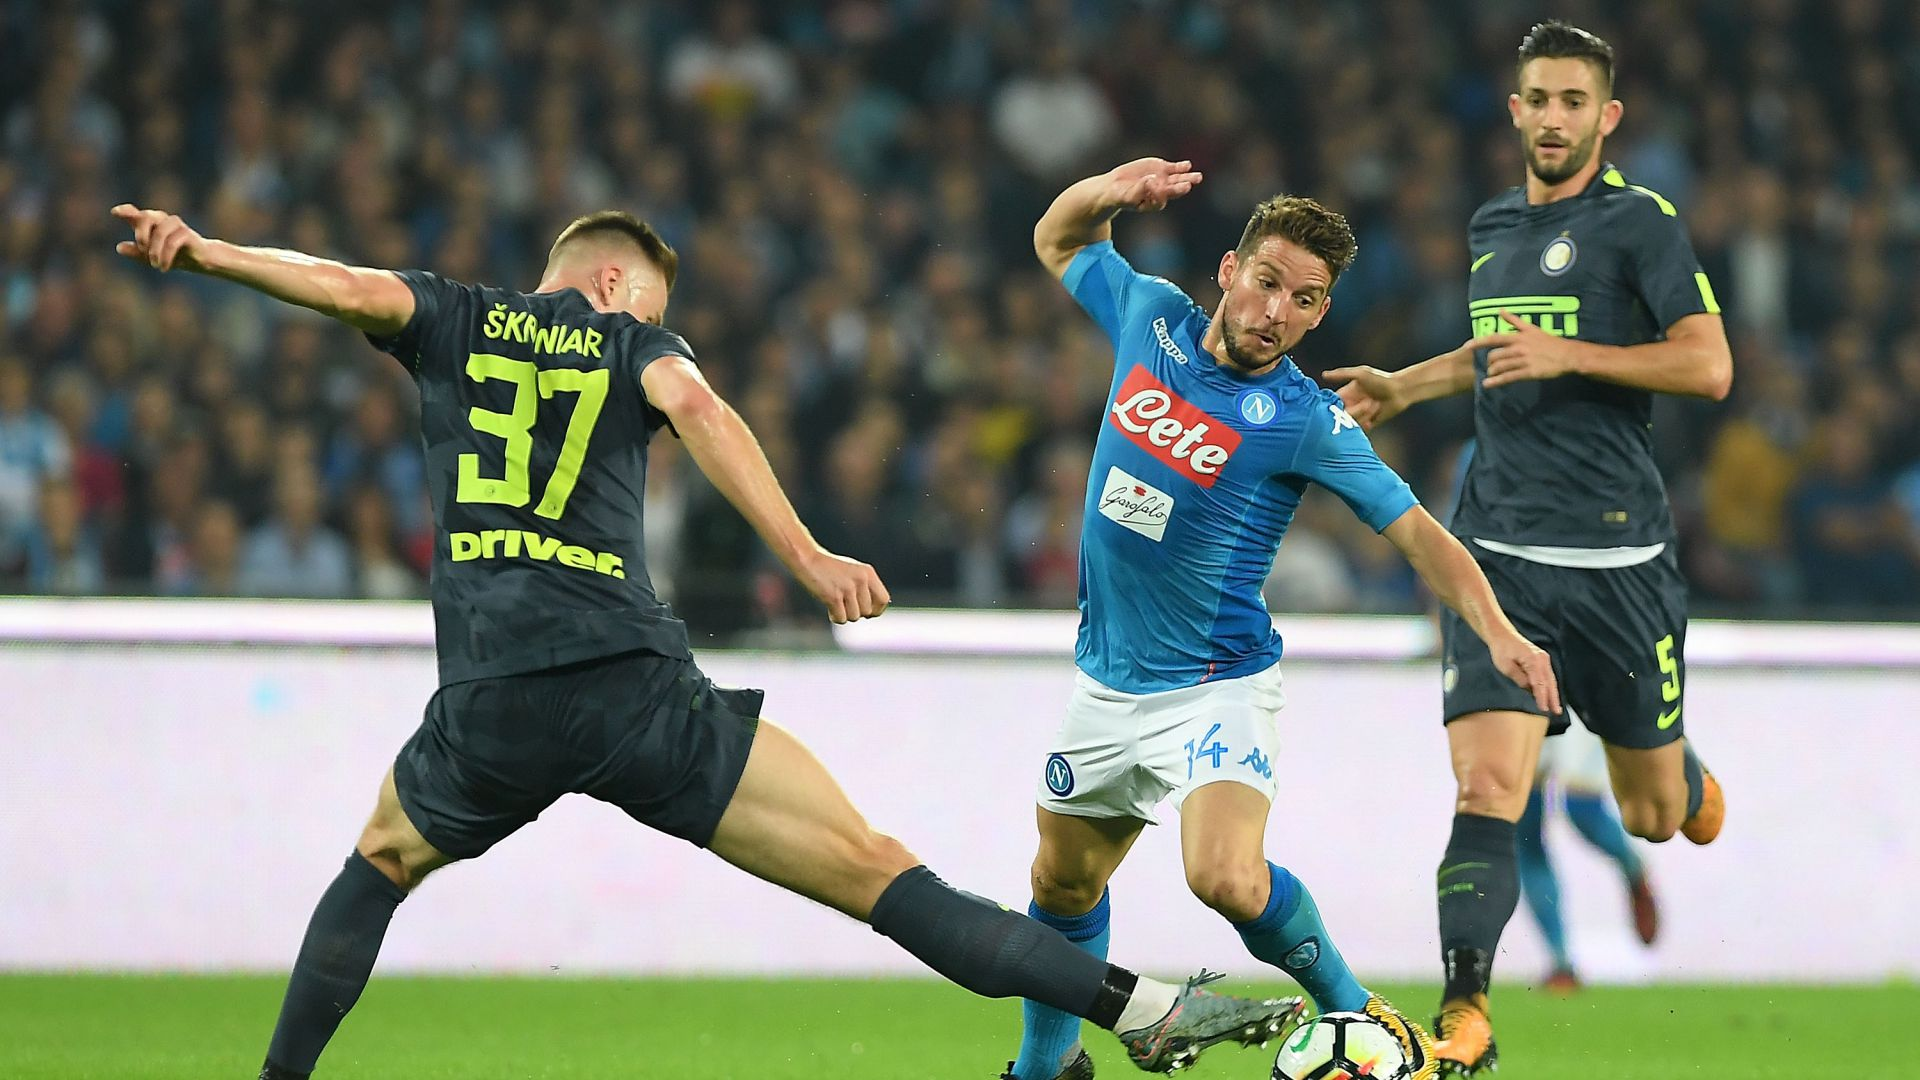 Skriniar Mertens - Napoli-Inter